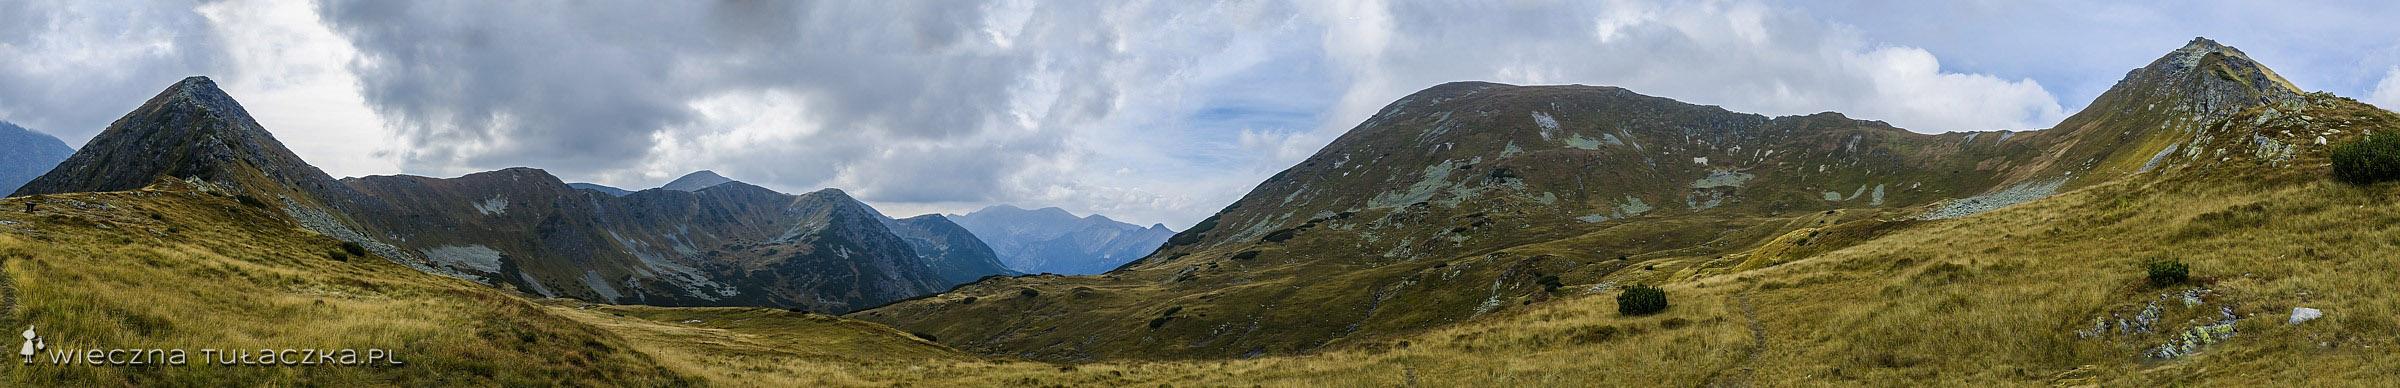 Zawory, panorama